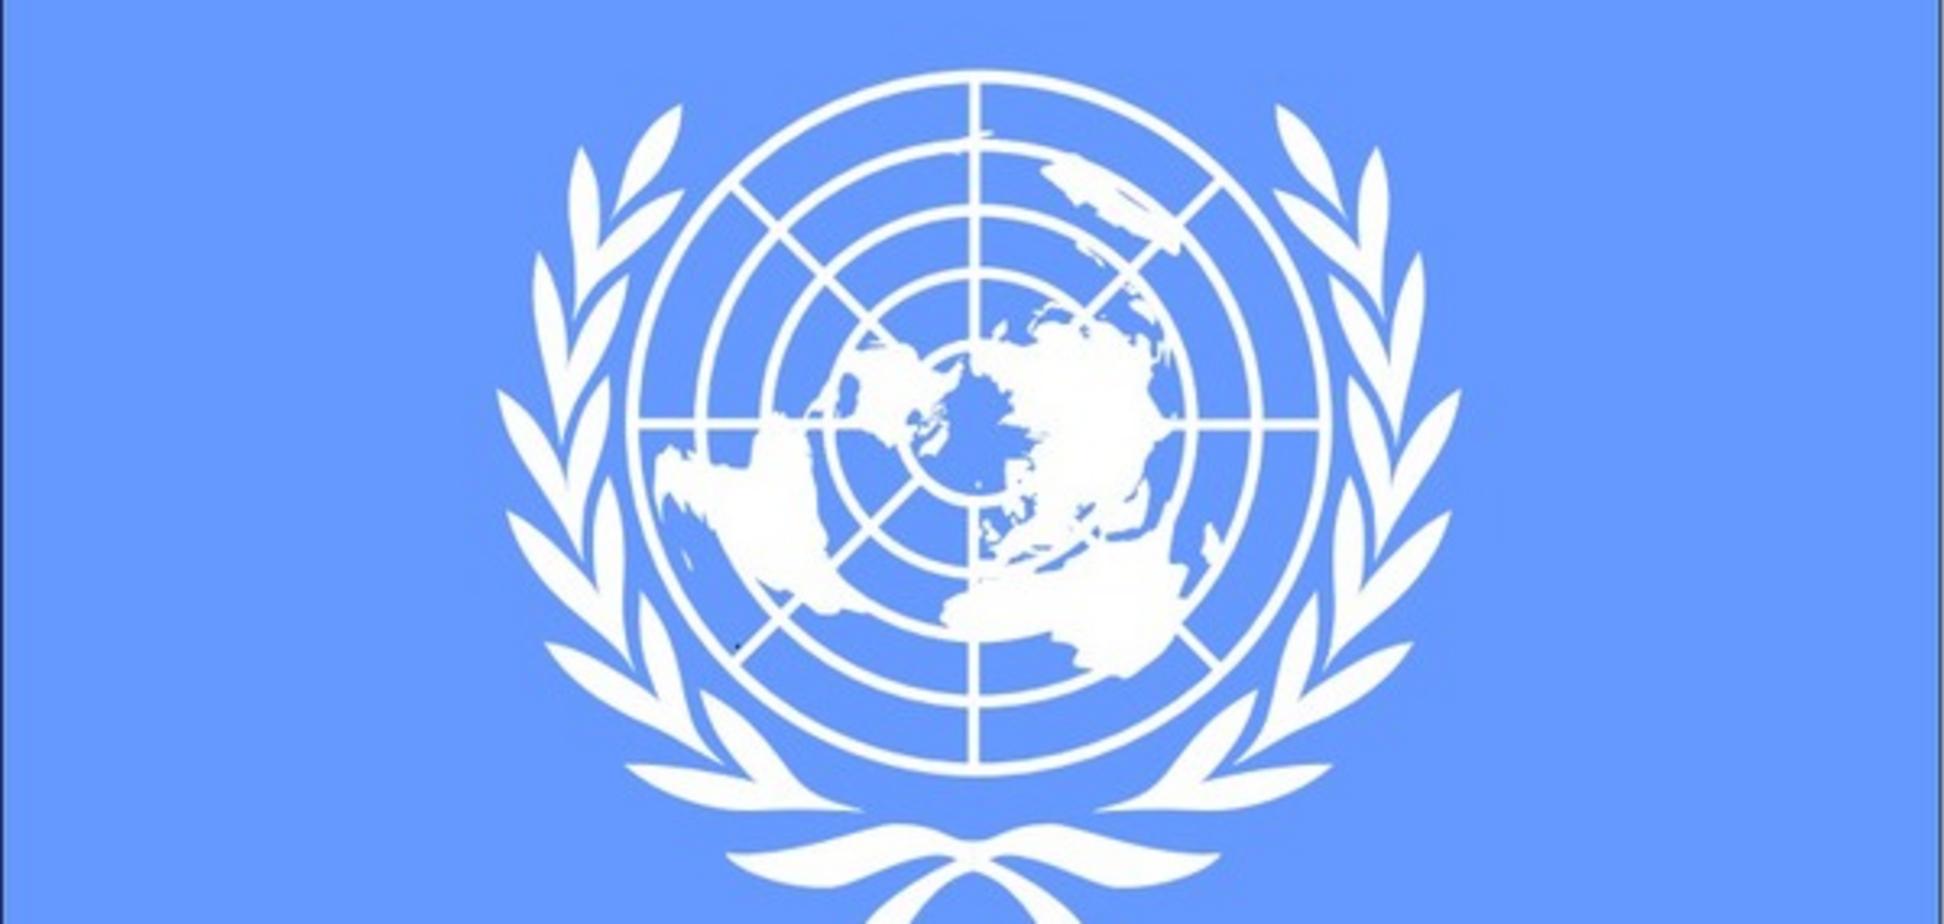 У пошуках 'секретних в'язниць': делегація ООН отримала доступ до всіх приміщень СБУ в Україні